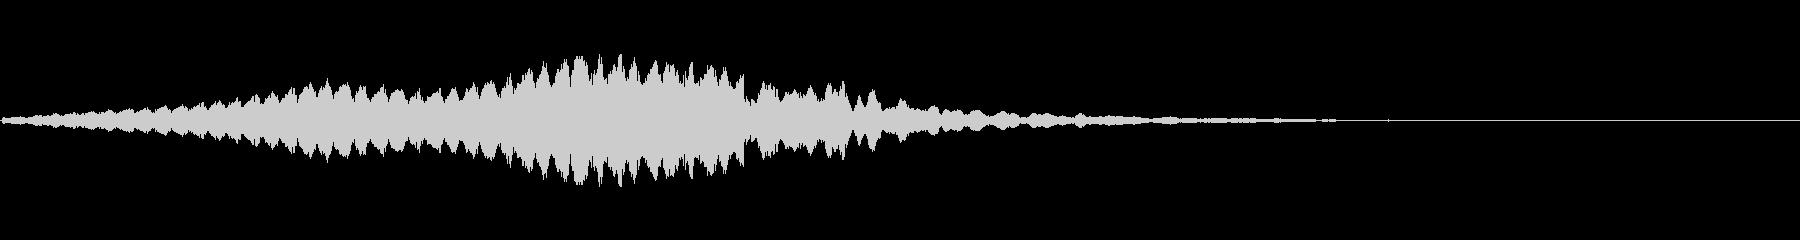 不吉な音の未再生の波形